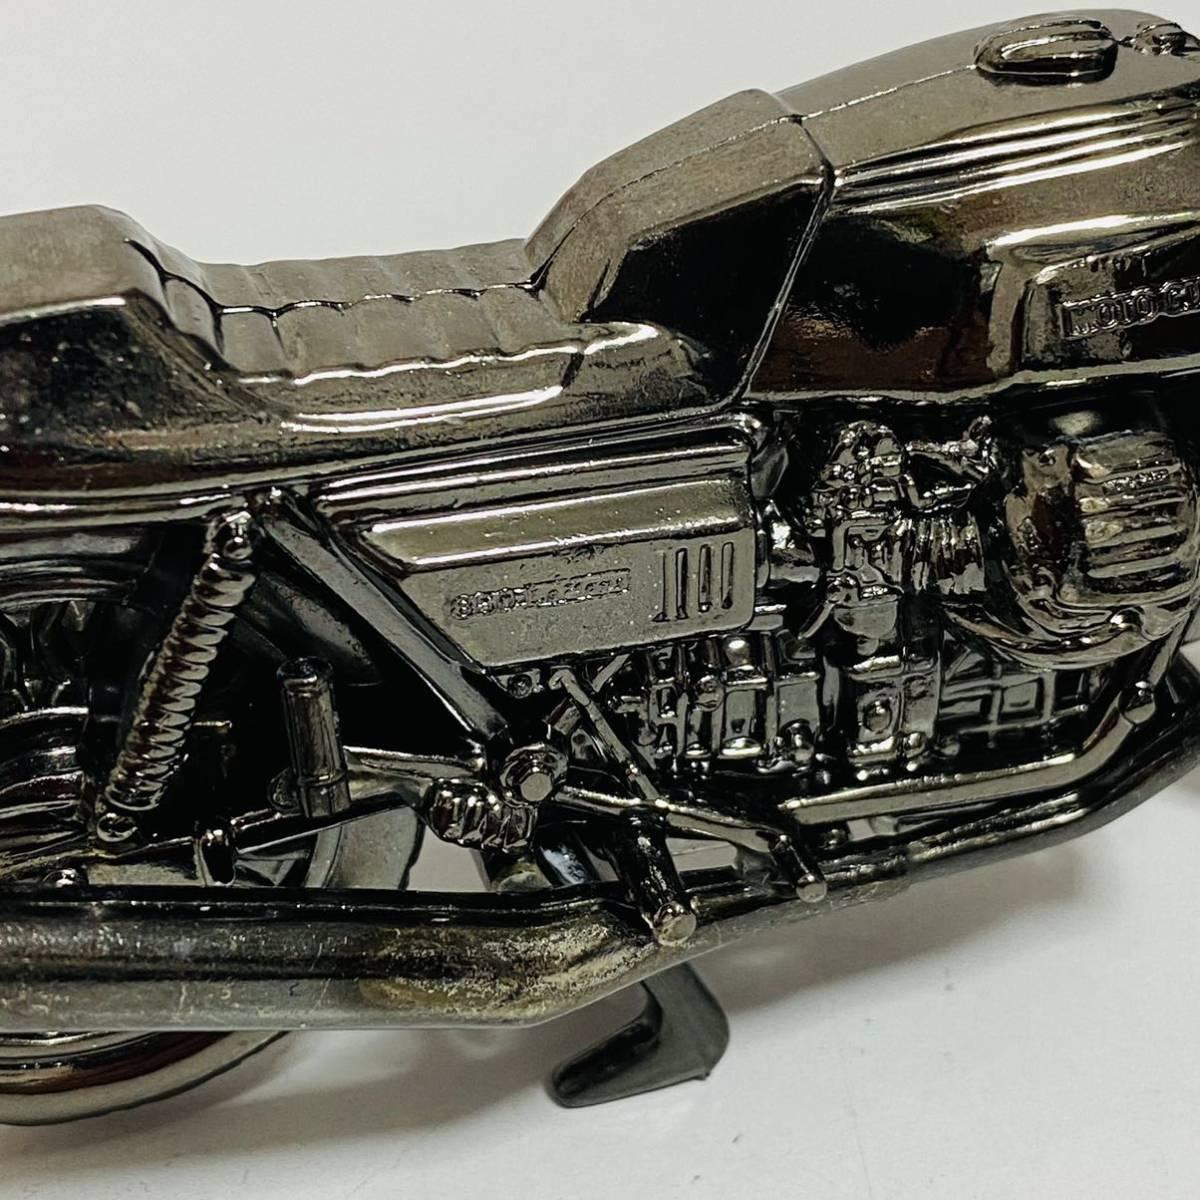 【美品】レッドバロン 世界の名車シリーズ VOL.22 MOTO GUZZI 850 Le Mans オートバイ バイク 希少 レア_画像6